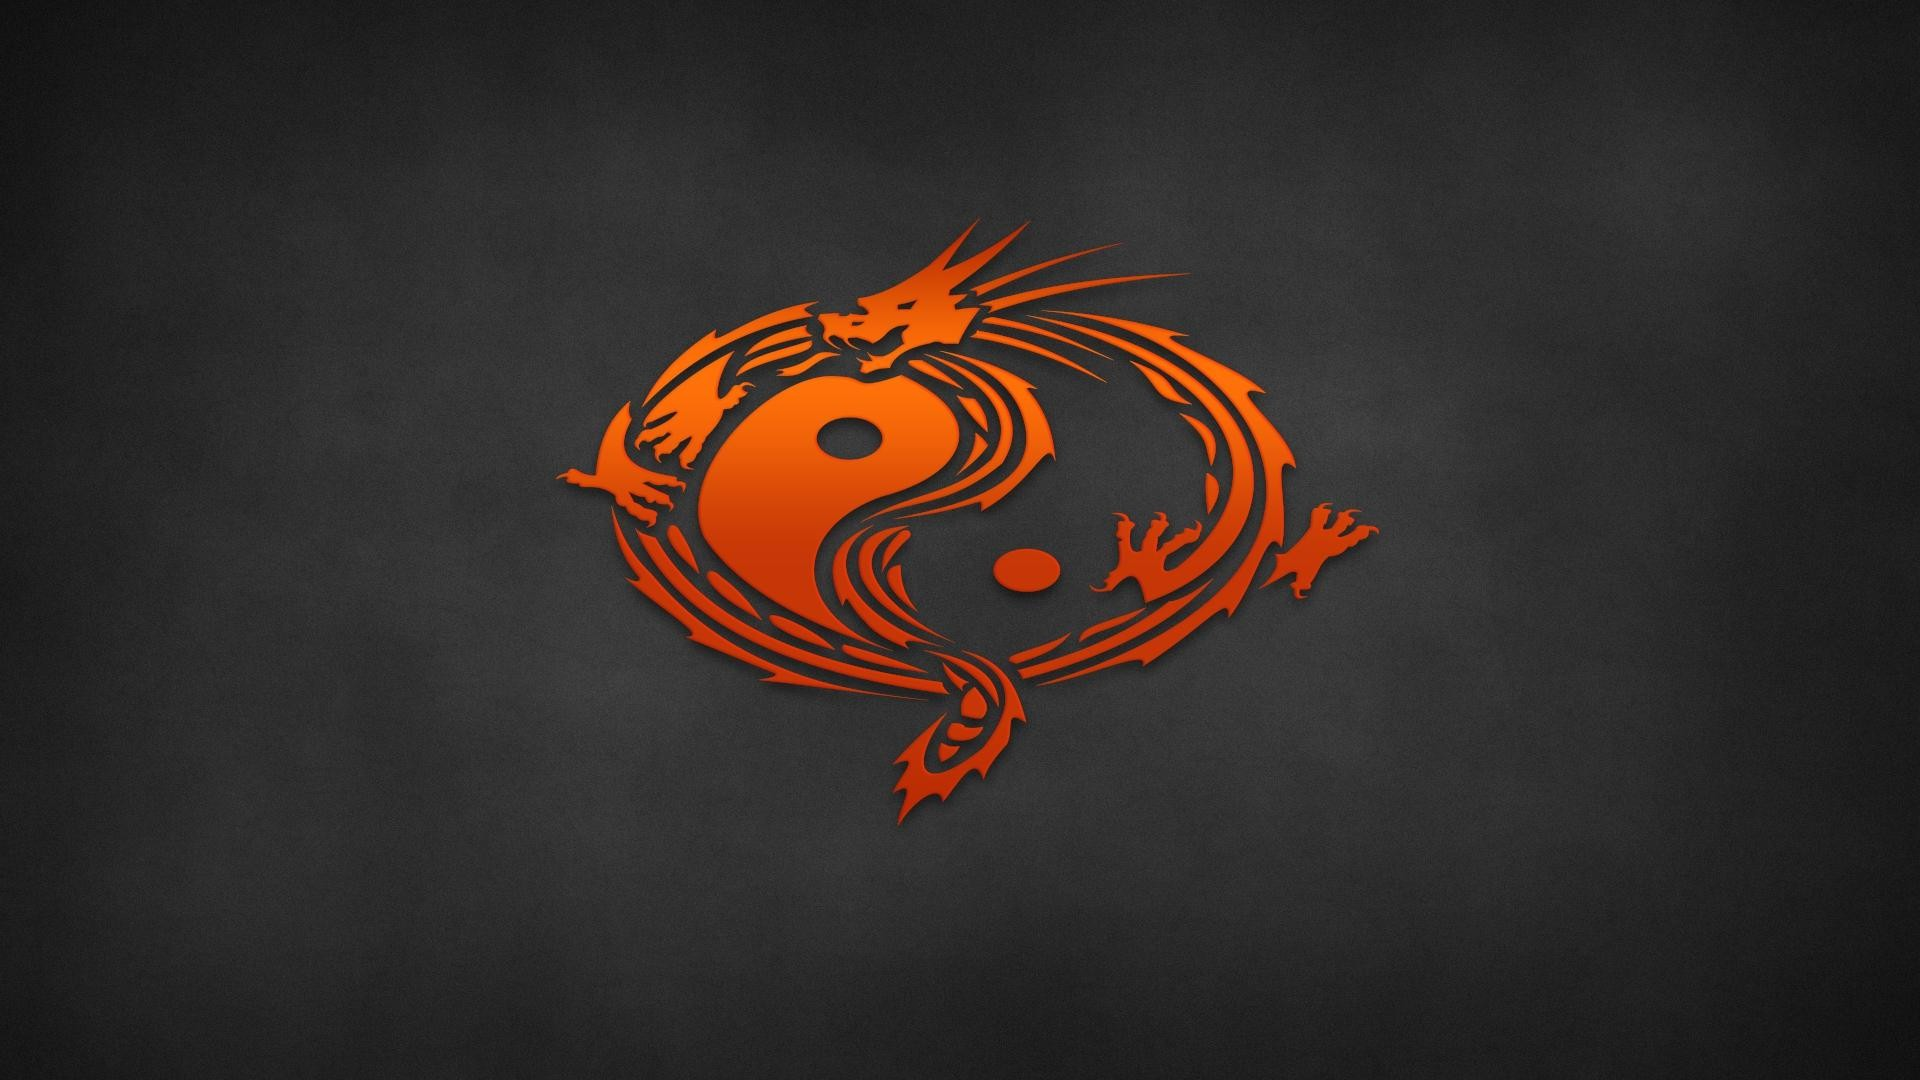 yin yang dragon wallpapers -#main